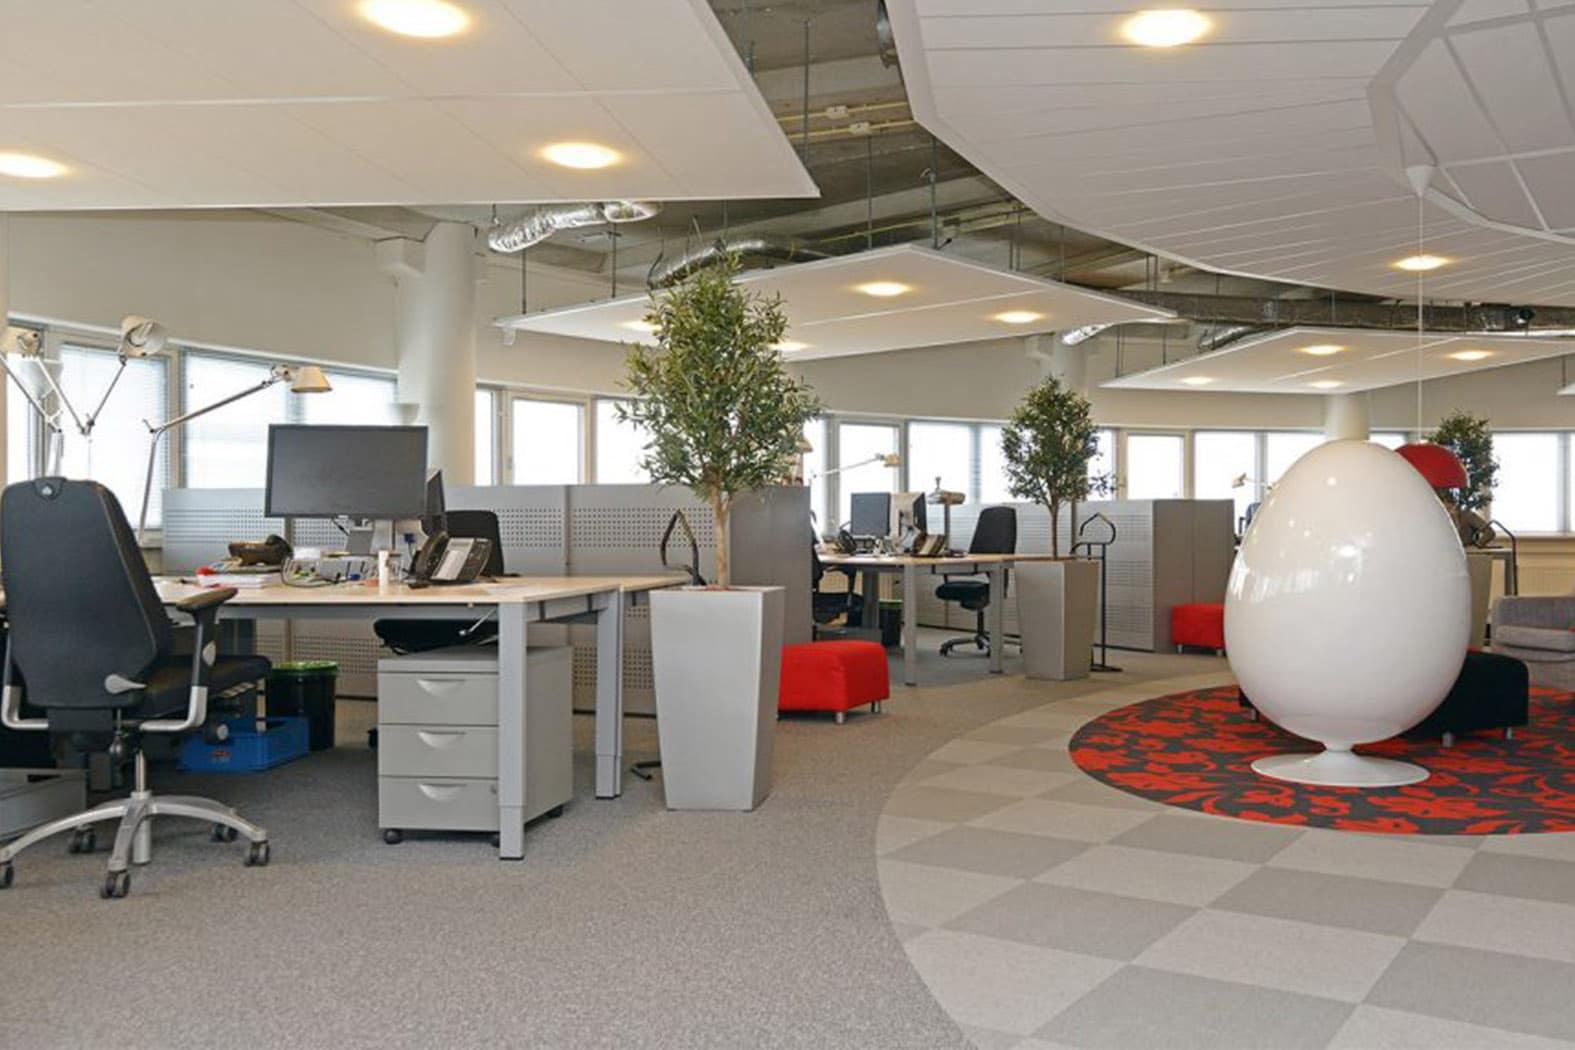 kantoor-ruimte-op-maat-zoetermeer-te-huur-crown-business-center